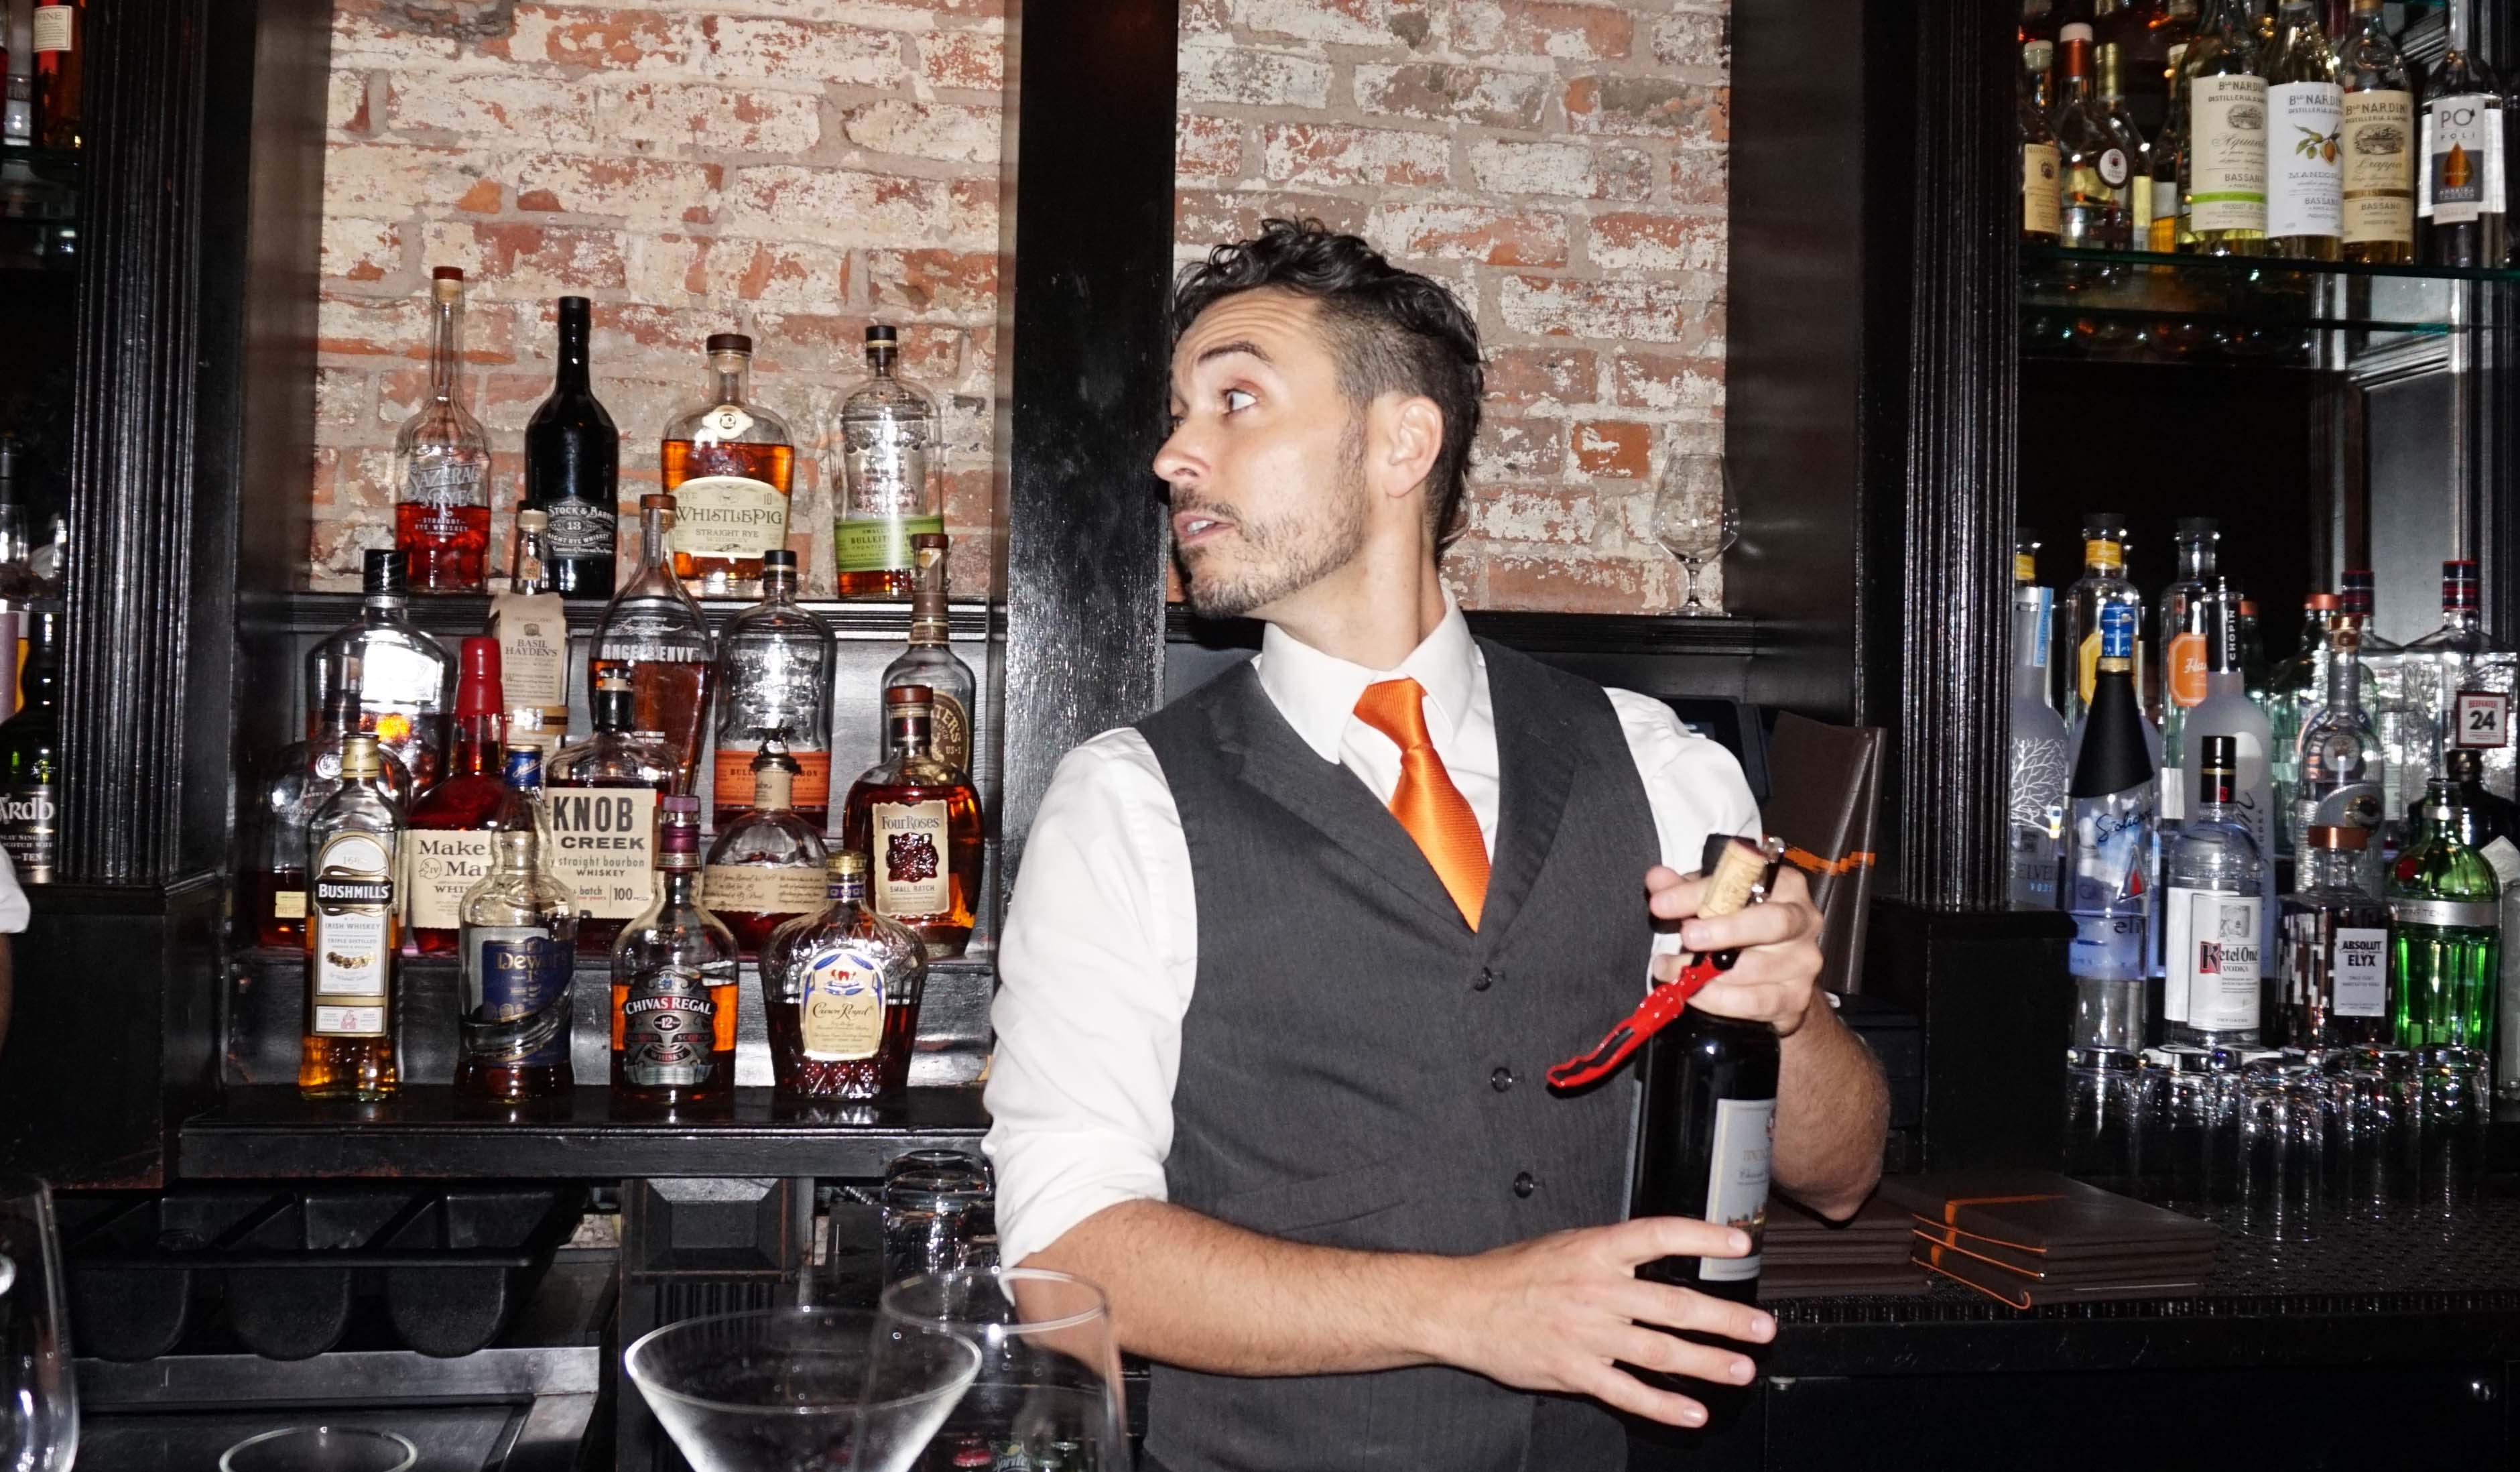 Scarpatta bartender